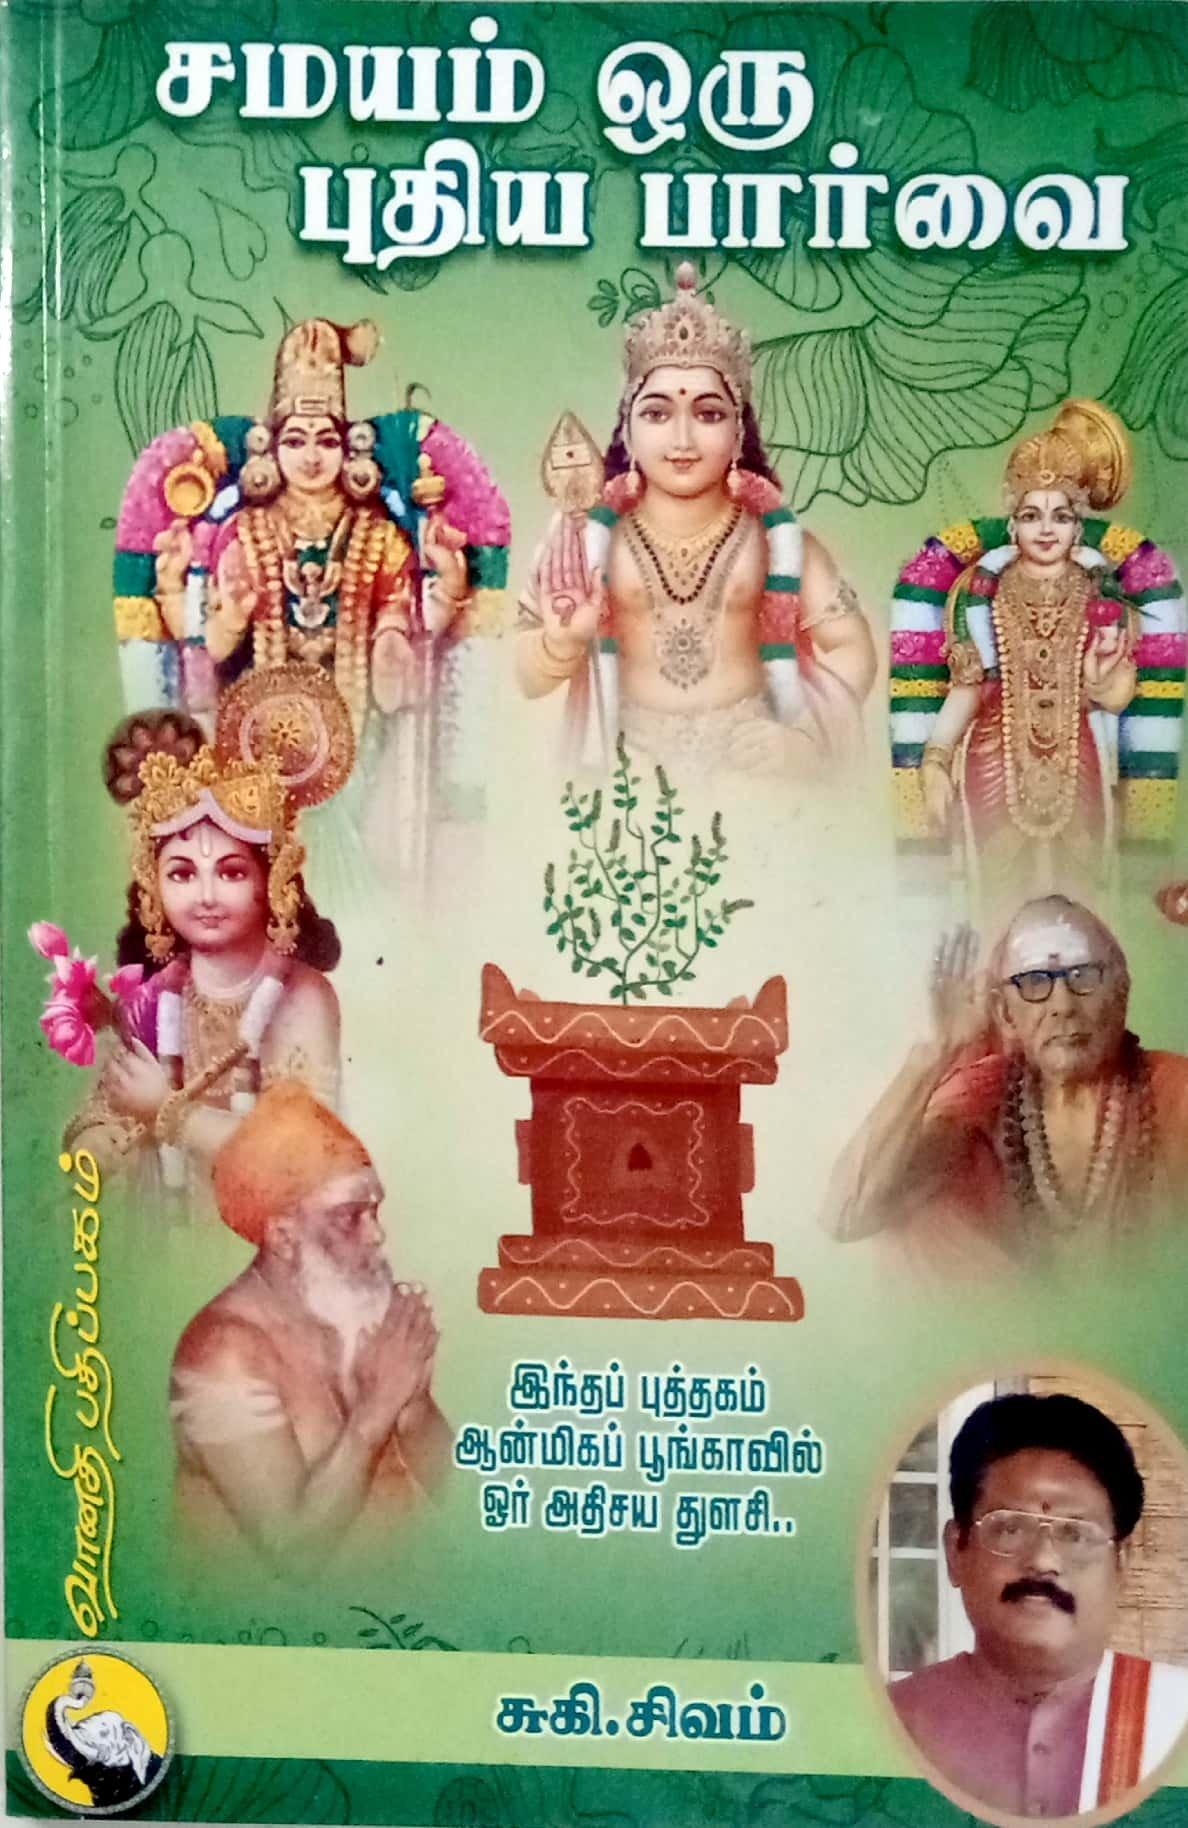 சமயம் ஒரு புதிய பார்வை (ஆன்மிகப் பூங்காவில் அதிசயத் துளசி) - சுகி.சிவம் - Samayam Oru Puthiya Paarvai (Aanmiga Poongavil Athisaya Thulasi)